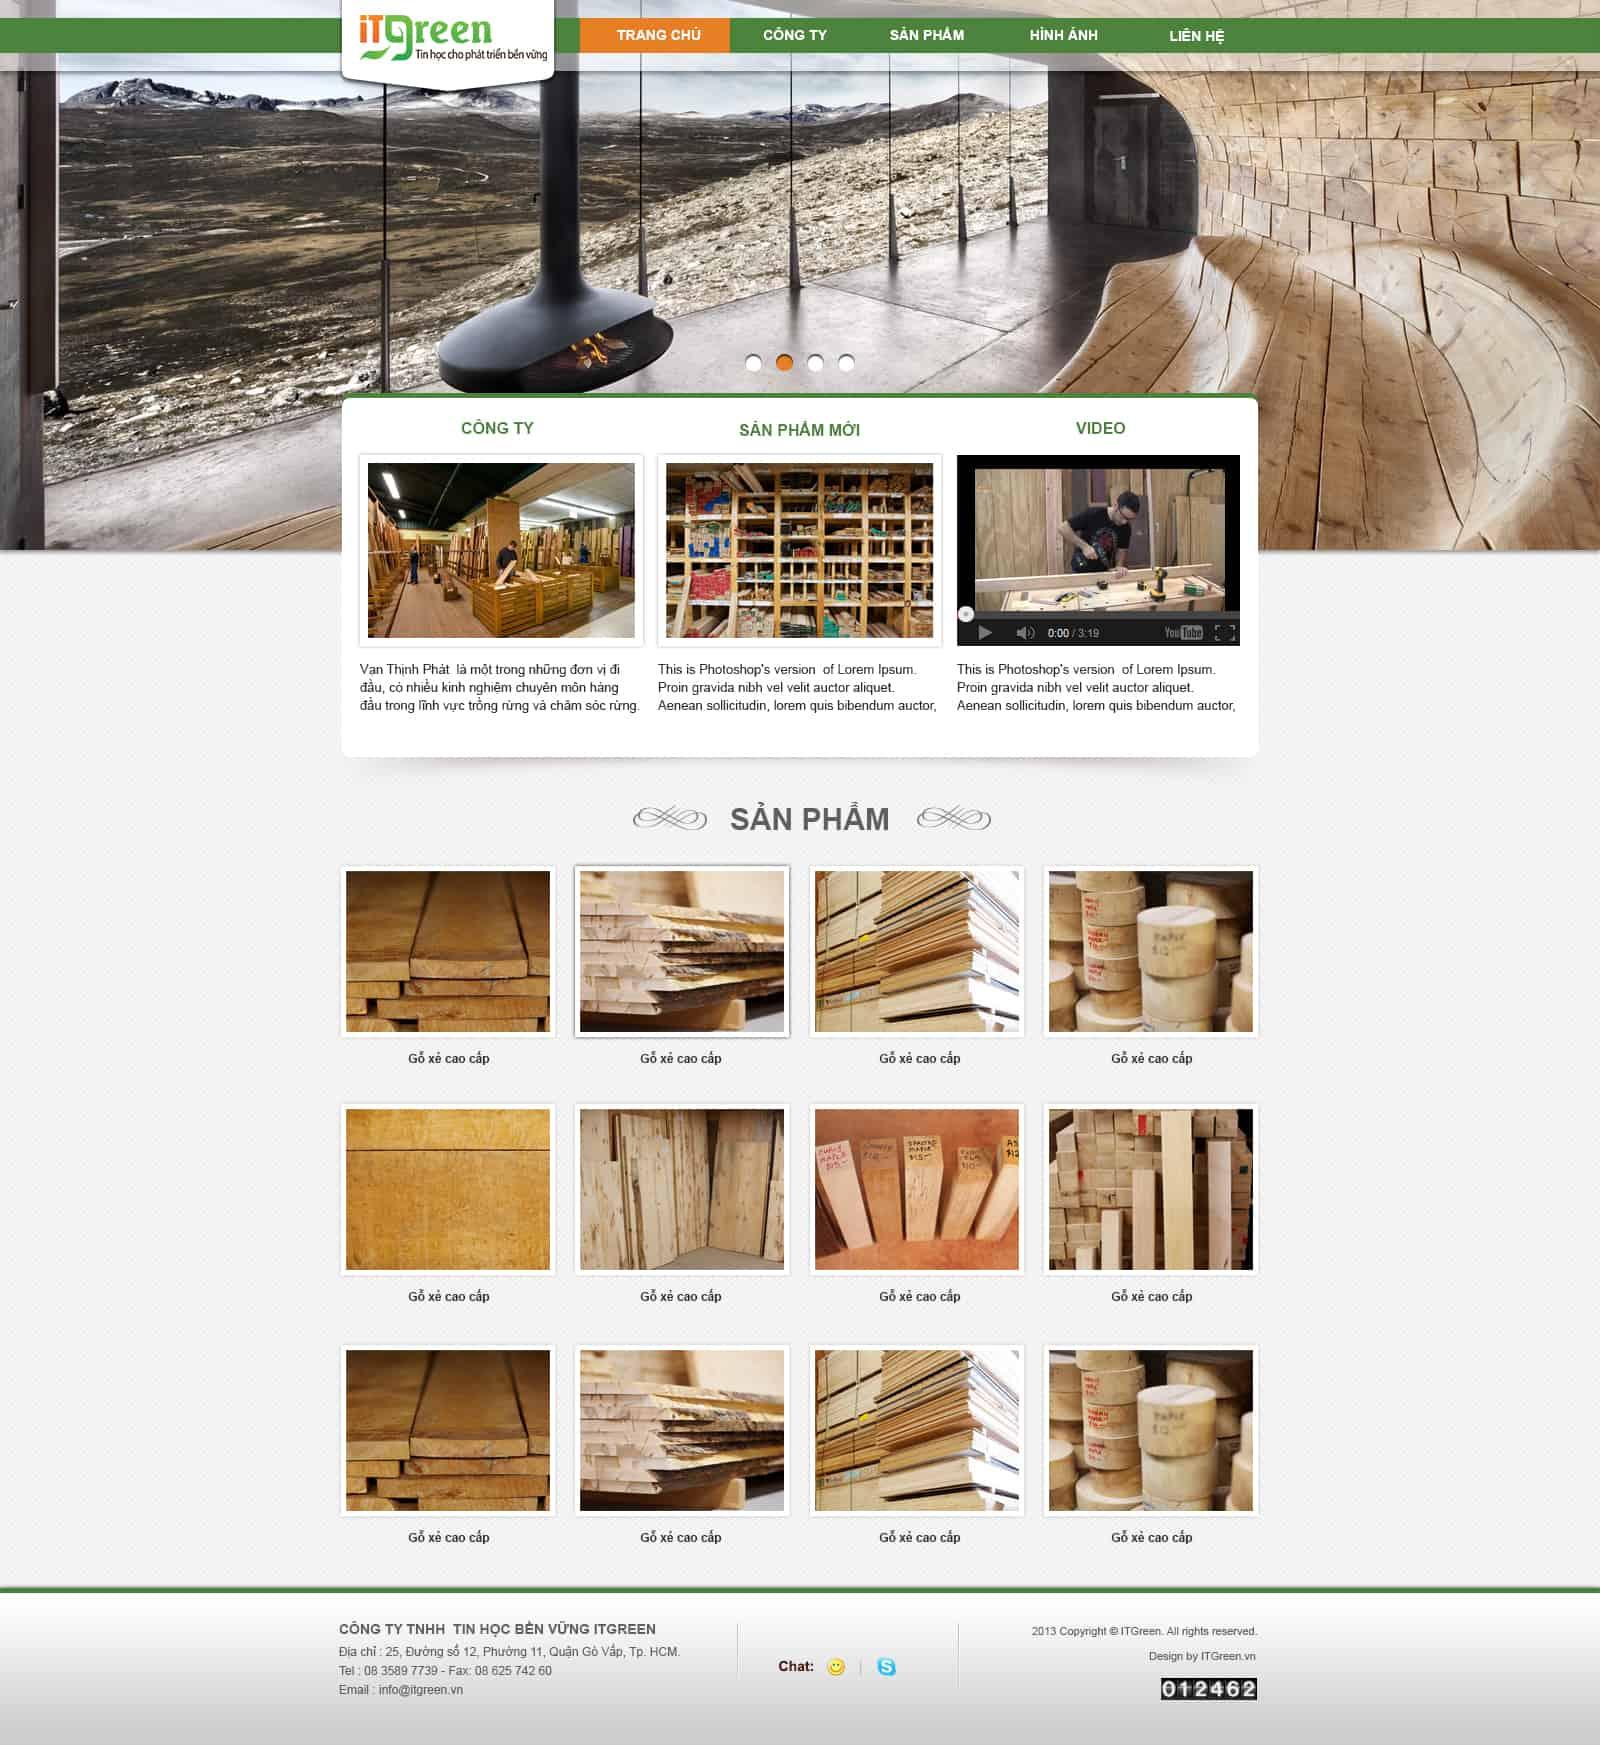 Thiết kế website Thiết kế website sản phẩm do go noi that